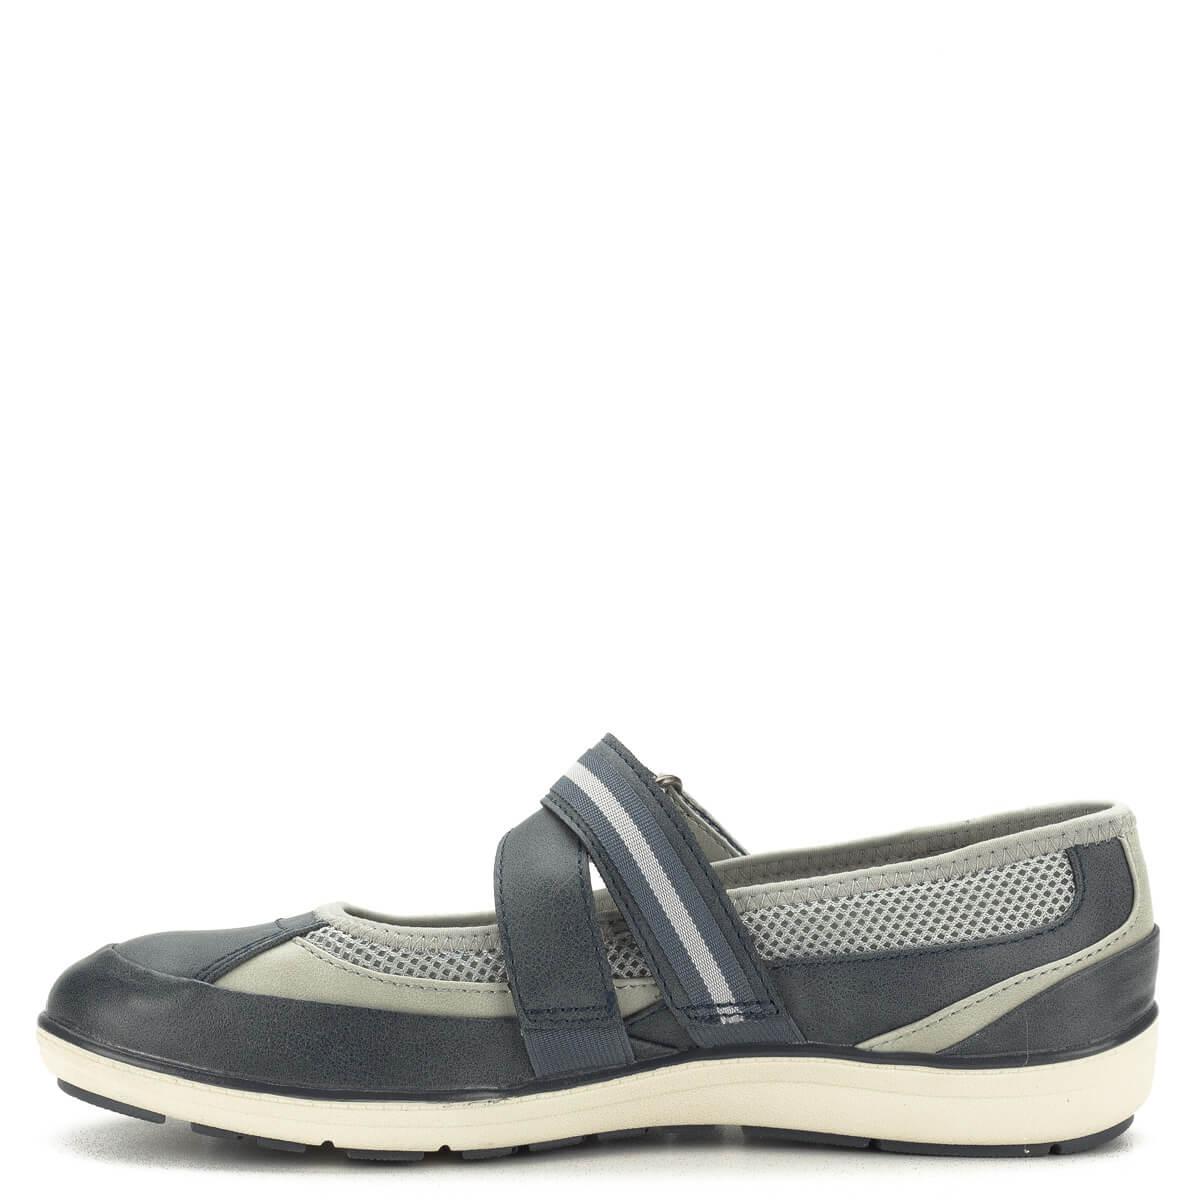 Jana cipő - Pántos Jana Soft Line női cipő - Jana 8-24663-22 848 b120cc6a03